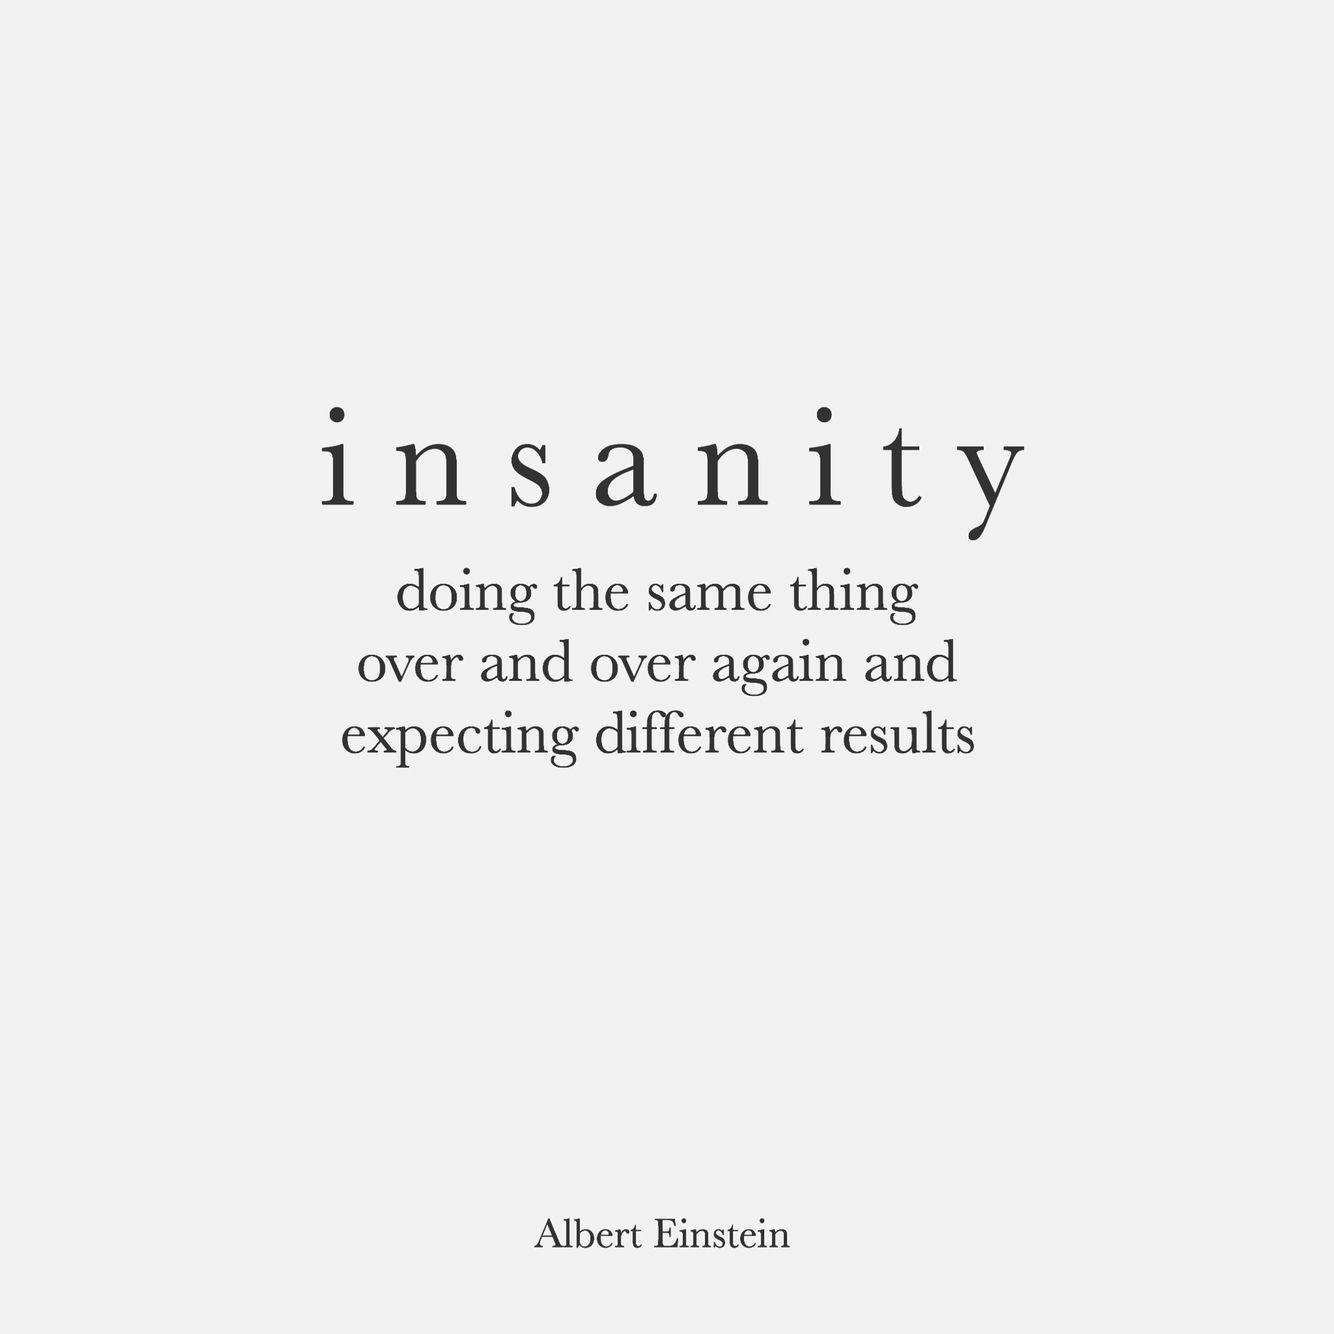 insanity albert einstein einstein pinterest its